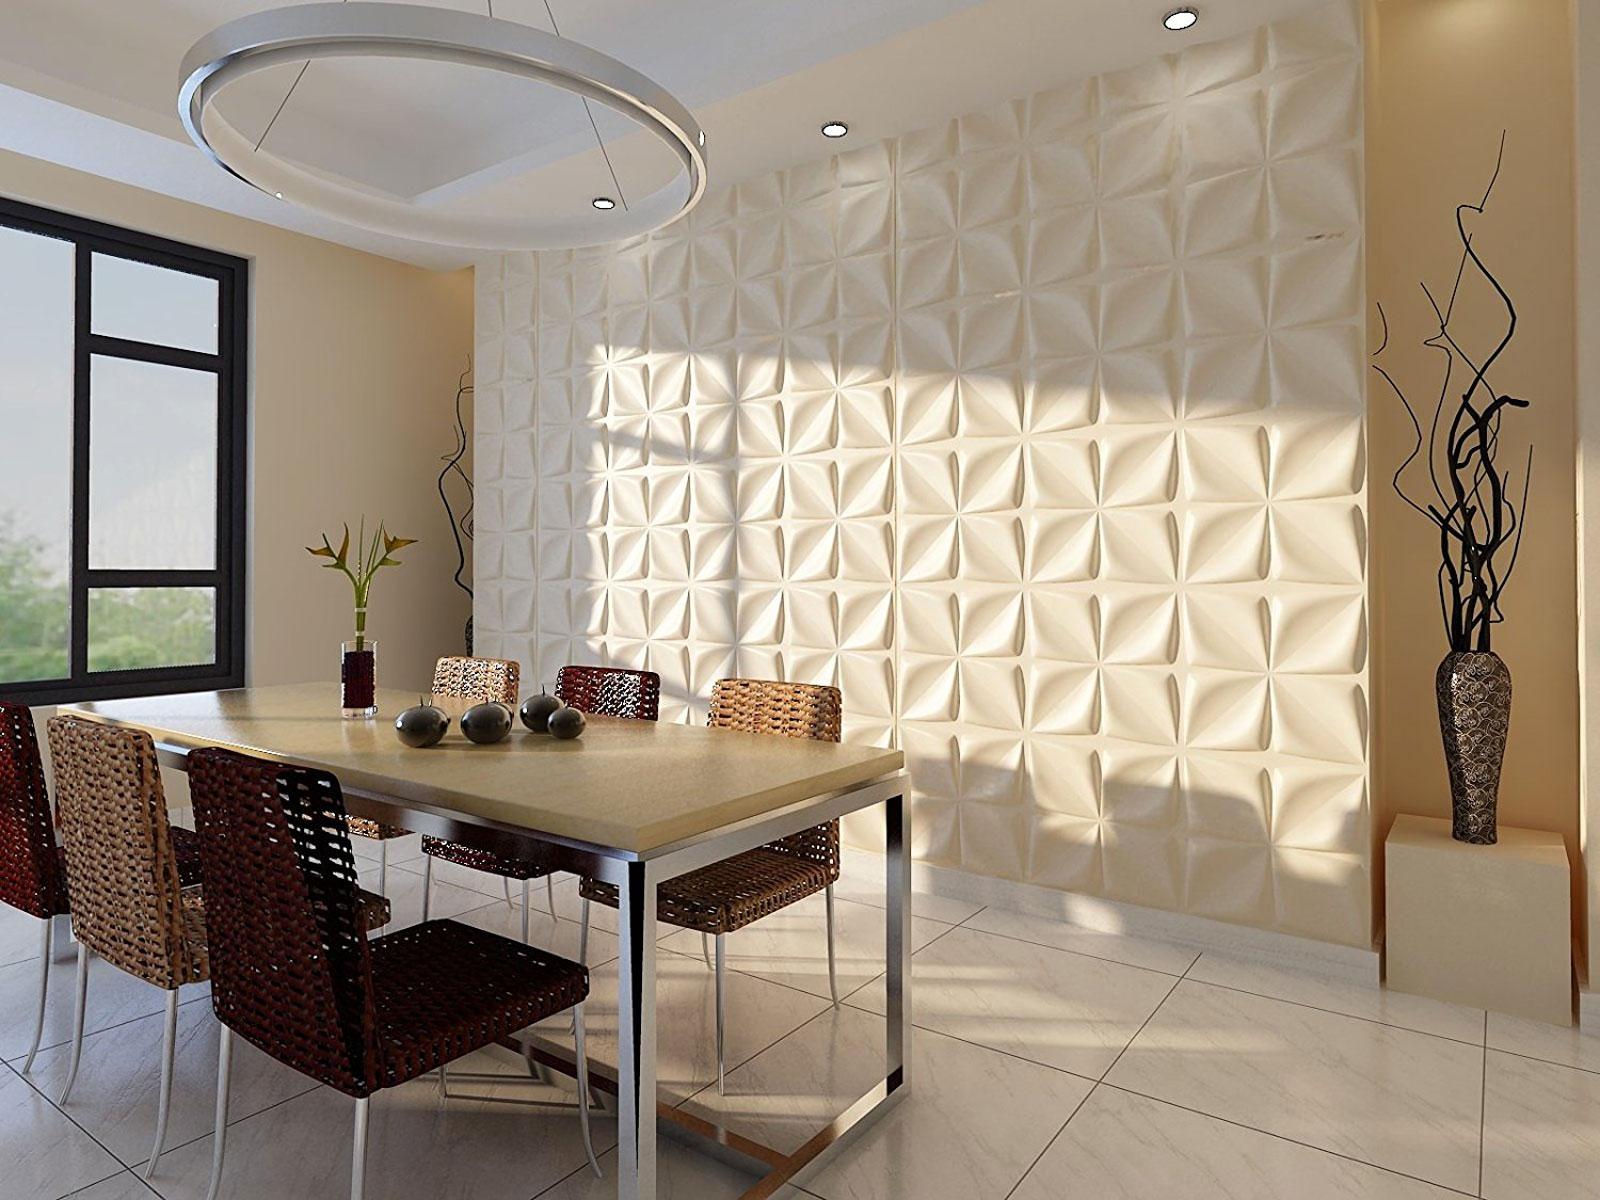 Pannelli decorativi per delle pareti particolari in soggiorno.